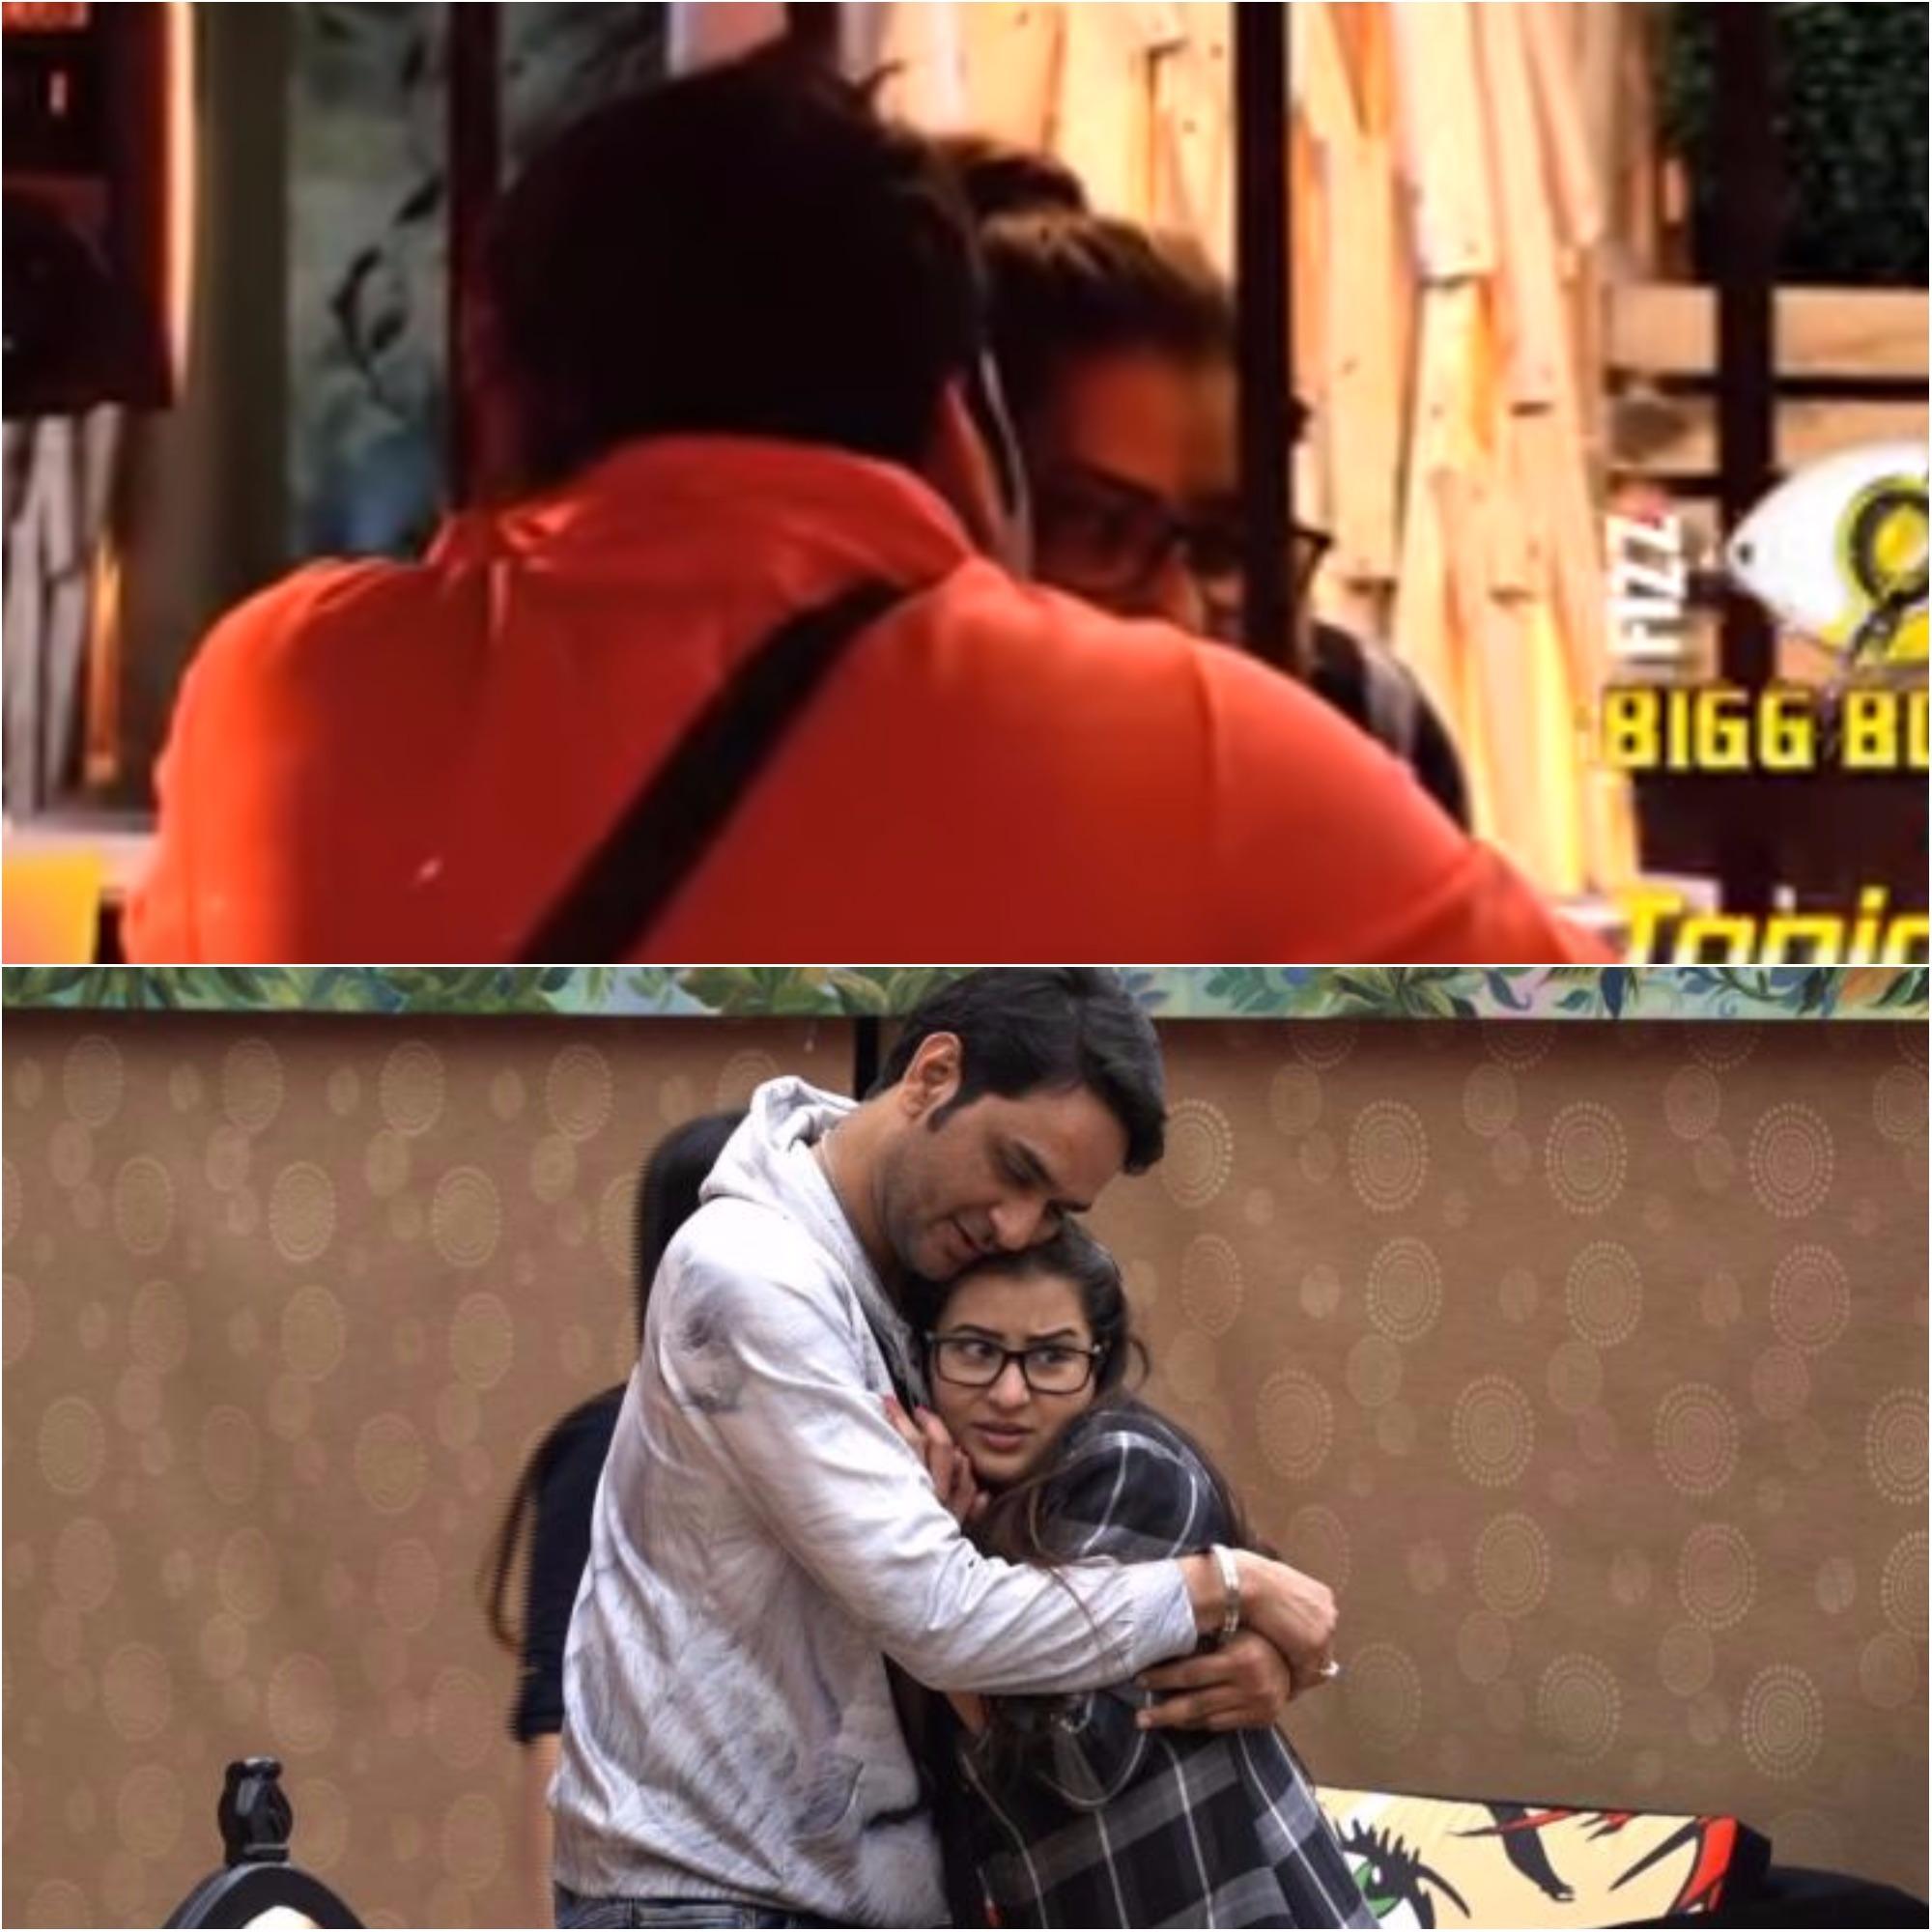 Video: Bigg Boss 11 में विकास गुप्ता और शिल्पा शिंदे का Kiss देखकर आपकी आँखें फटी की फटी रह जाएँगी